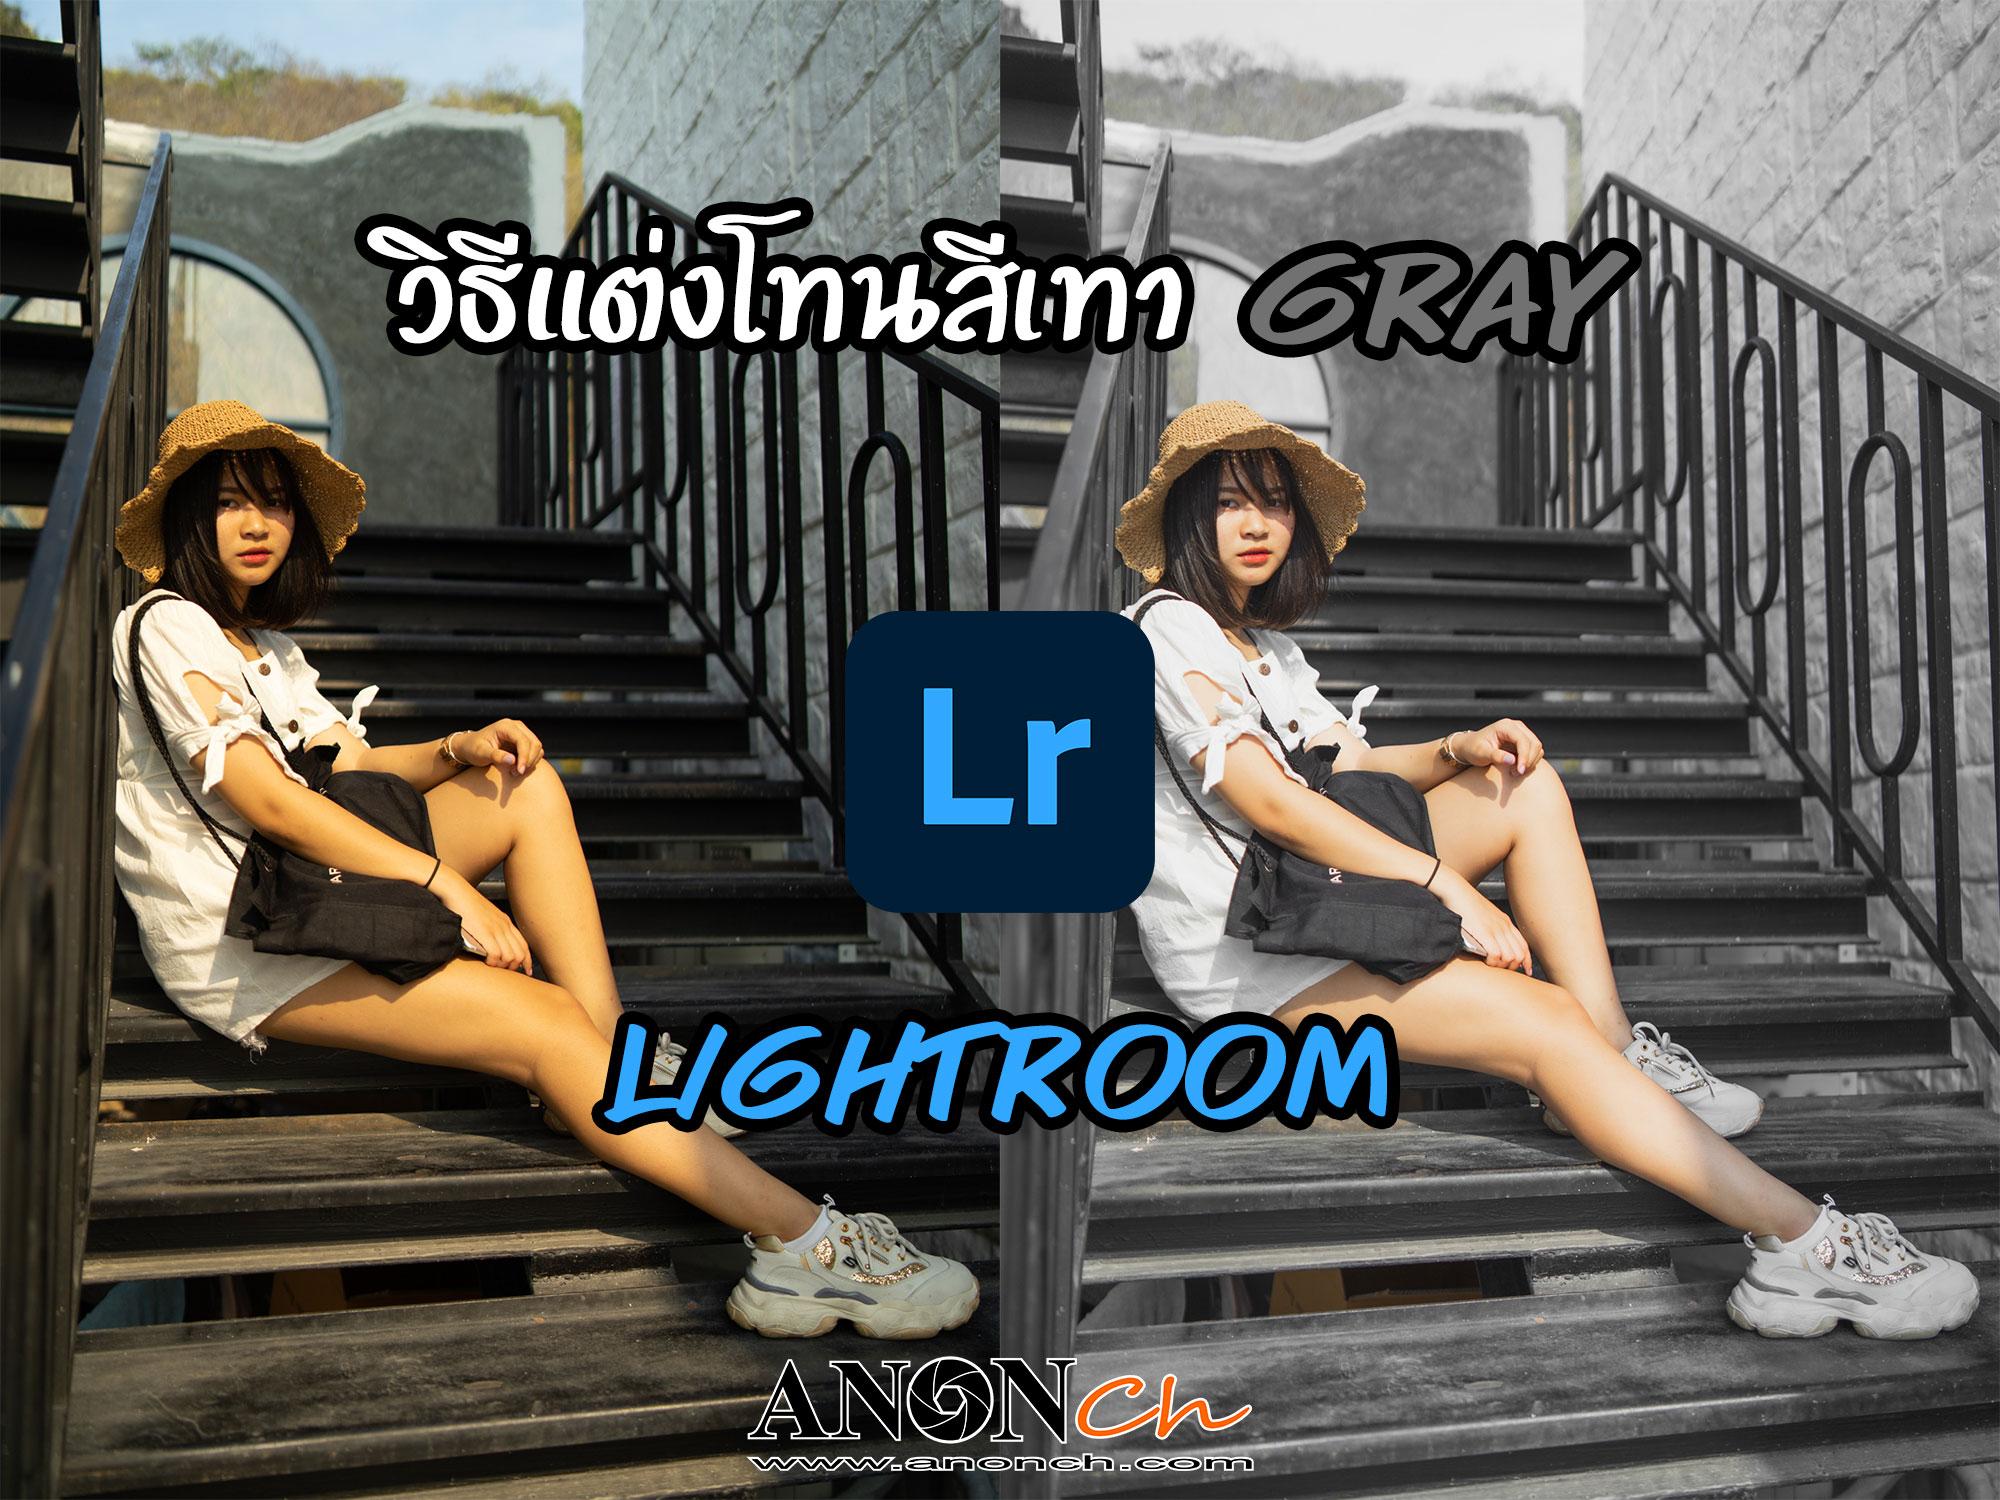 วิธีแต่งโทนสีเทาGray-ด้วย-Lightroom